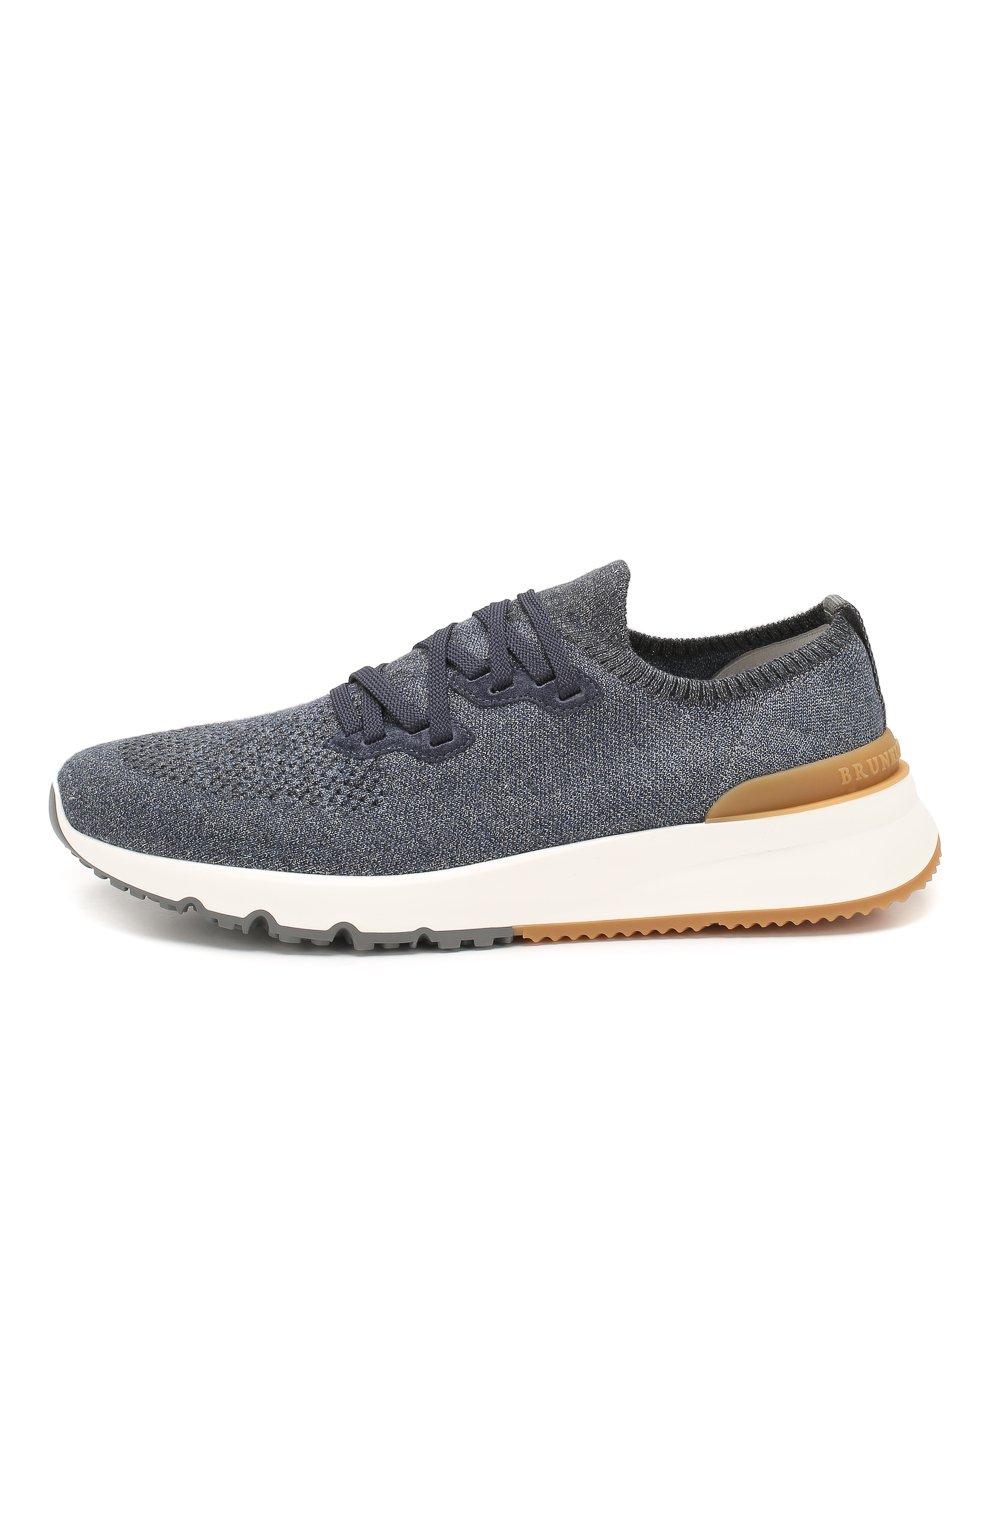 Мужские текстильные кроссовки BRUNELLO CUCINELLI синего цвета, арт. MZUKIS0250 | Фото 3